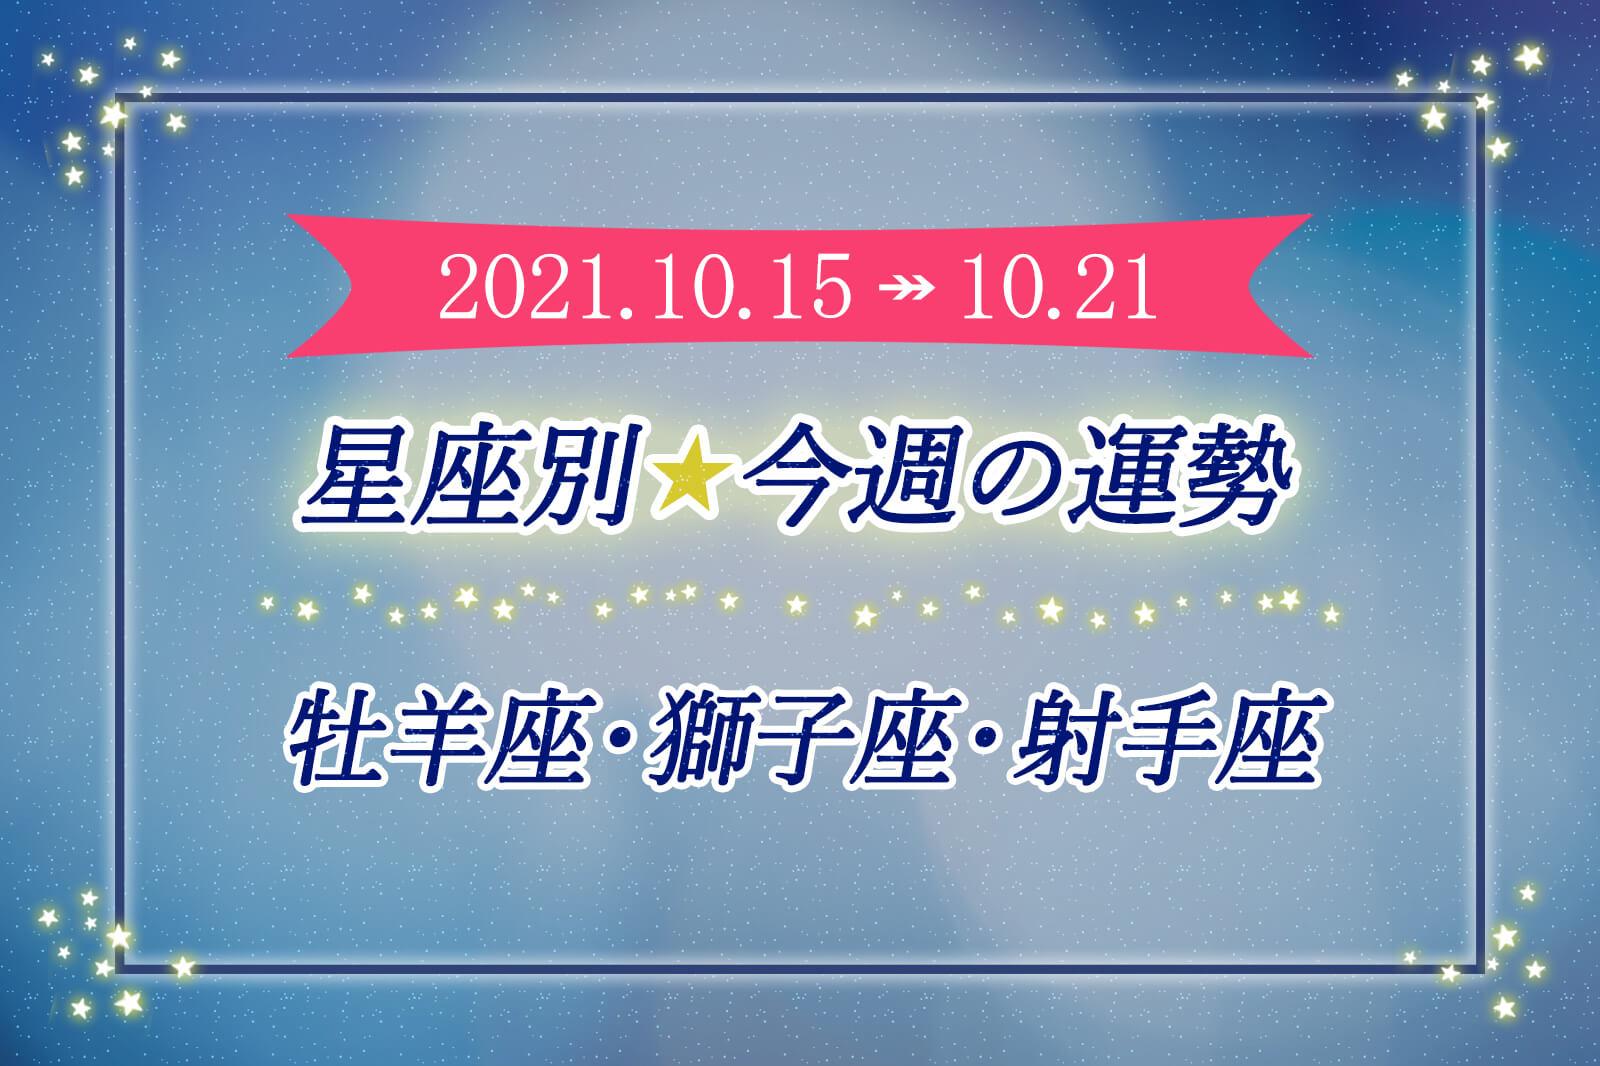 ≪牡羊座/獅子座/射手座≫月の動きで見る1週間の心の変化*10月15日 ~ 10月21日